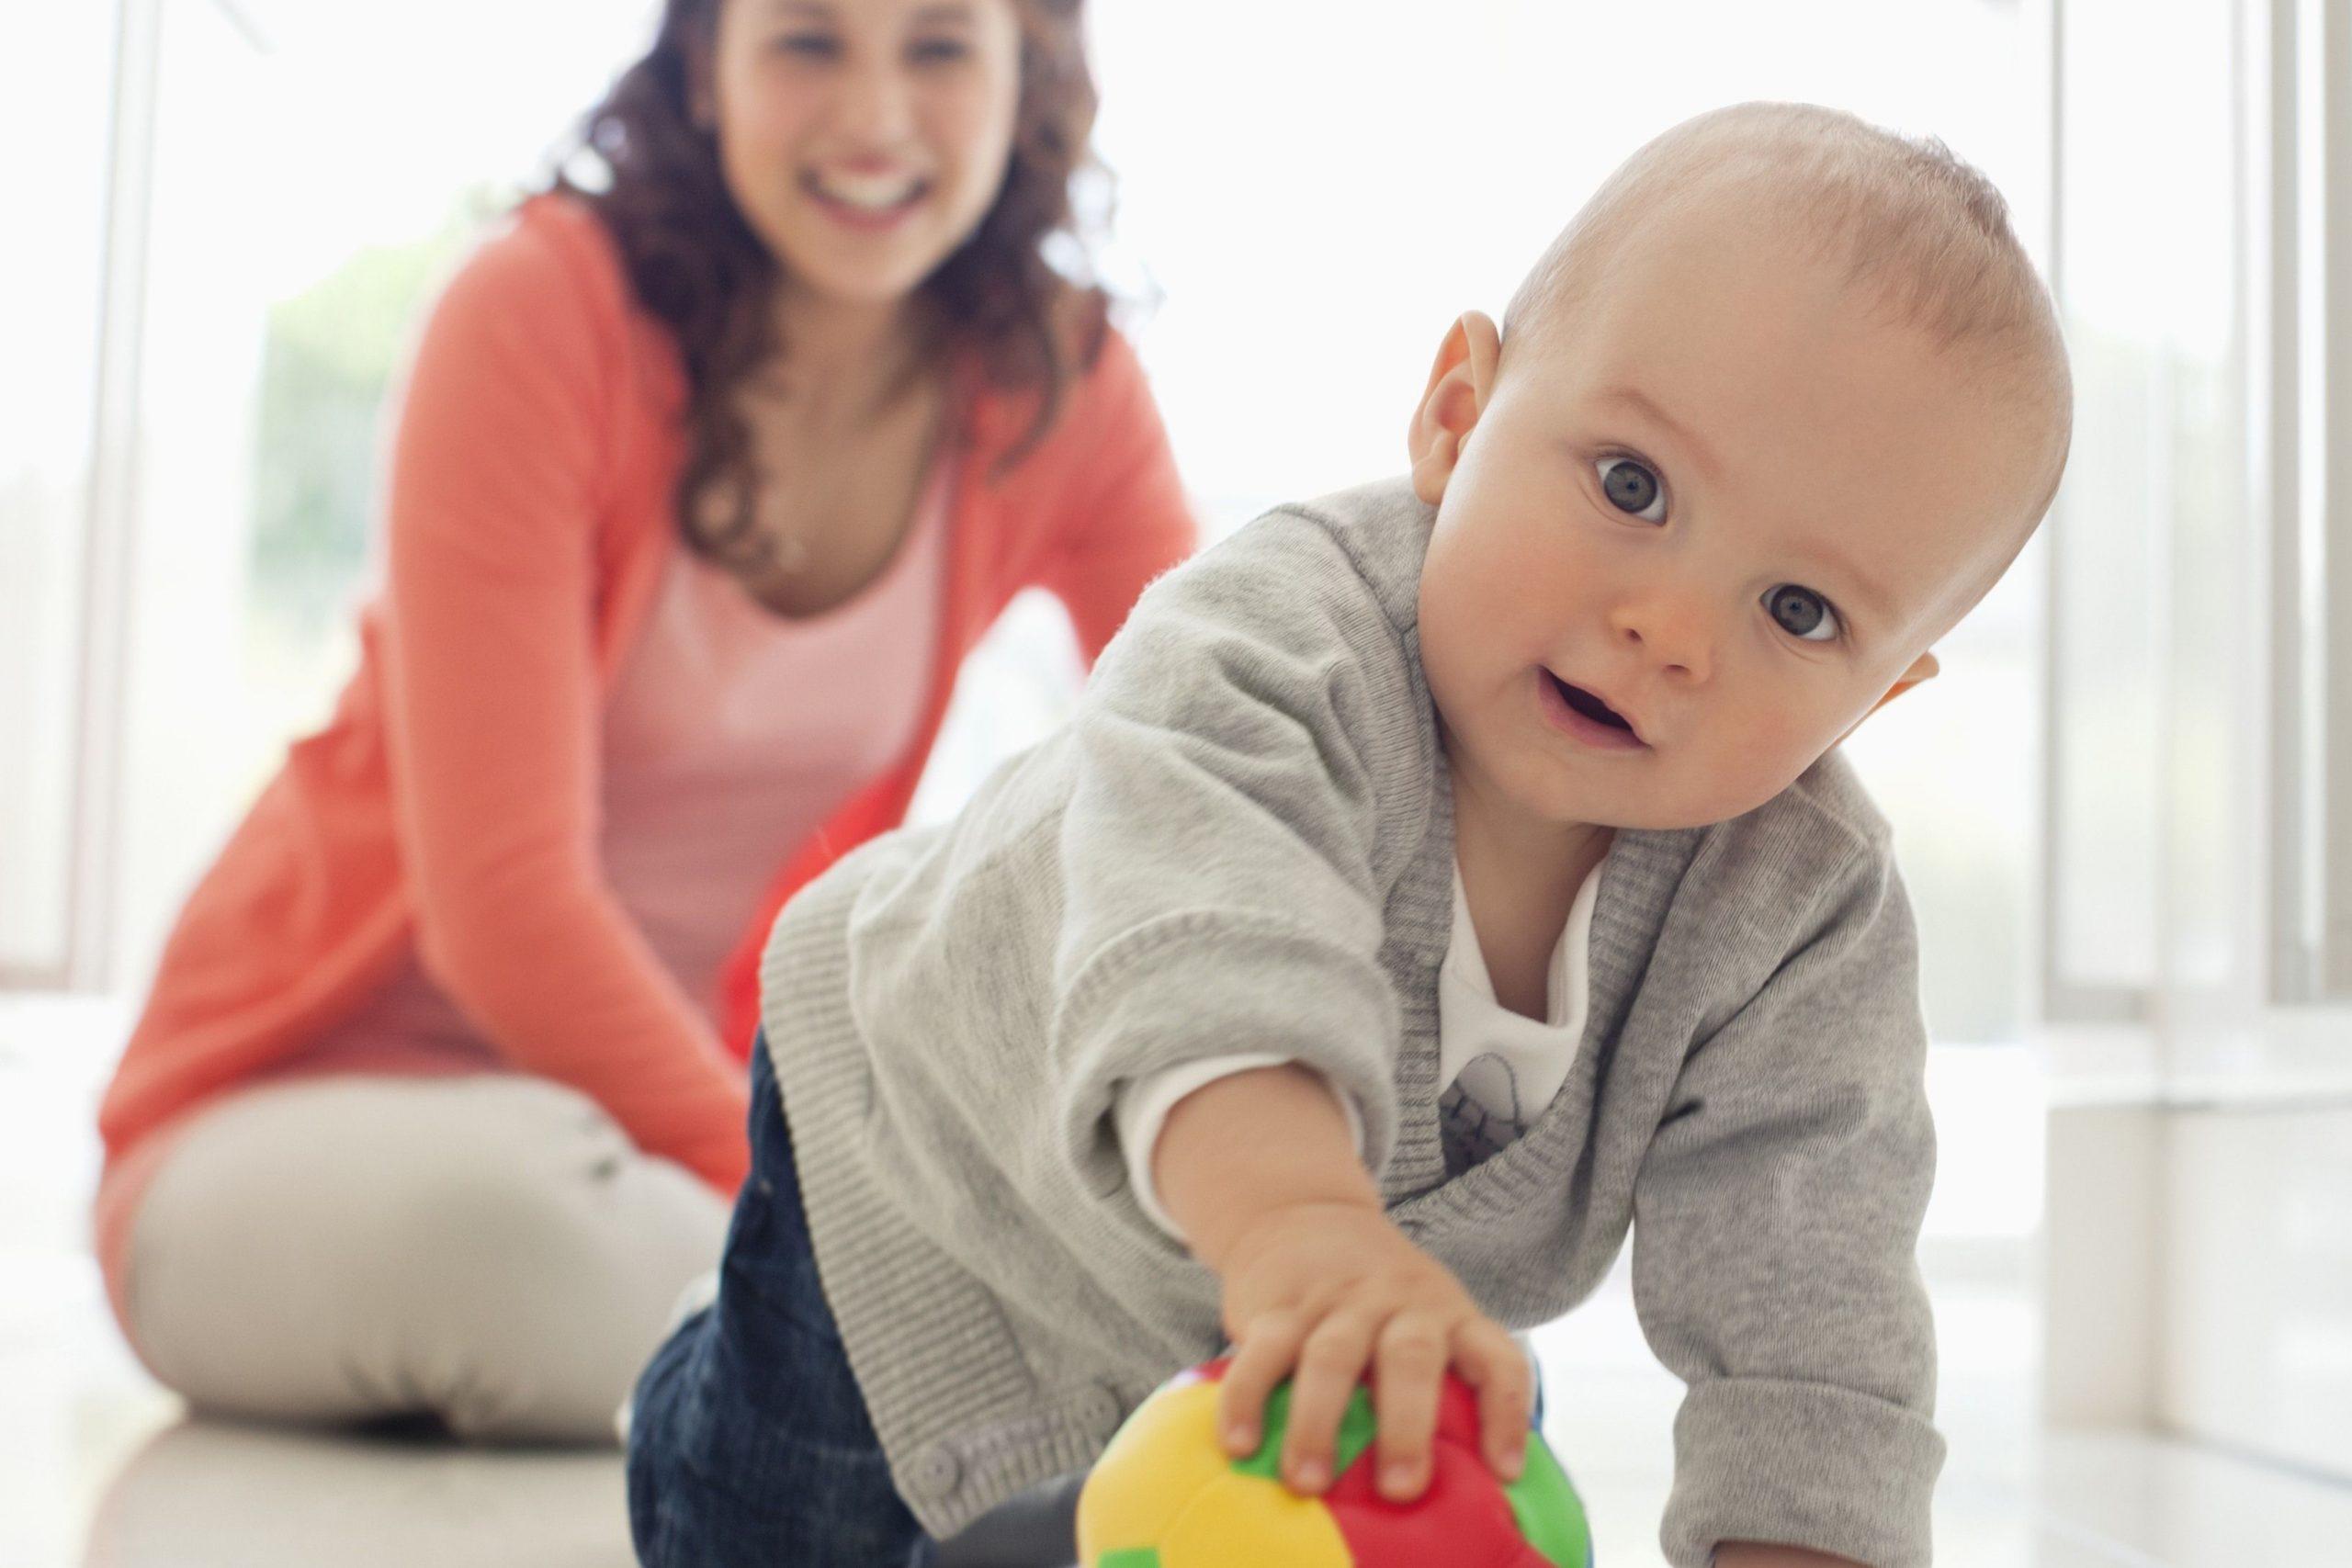 Bébé A 9 Mois : Développement, Motricité, Éveil, Santé intérieur Bebe 6 Mois Eveil